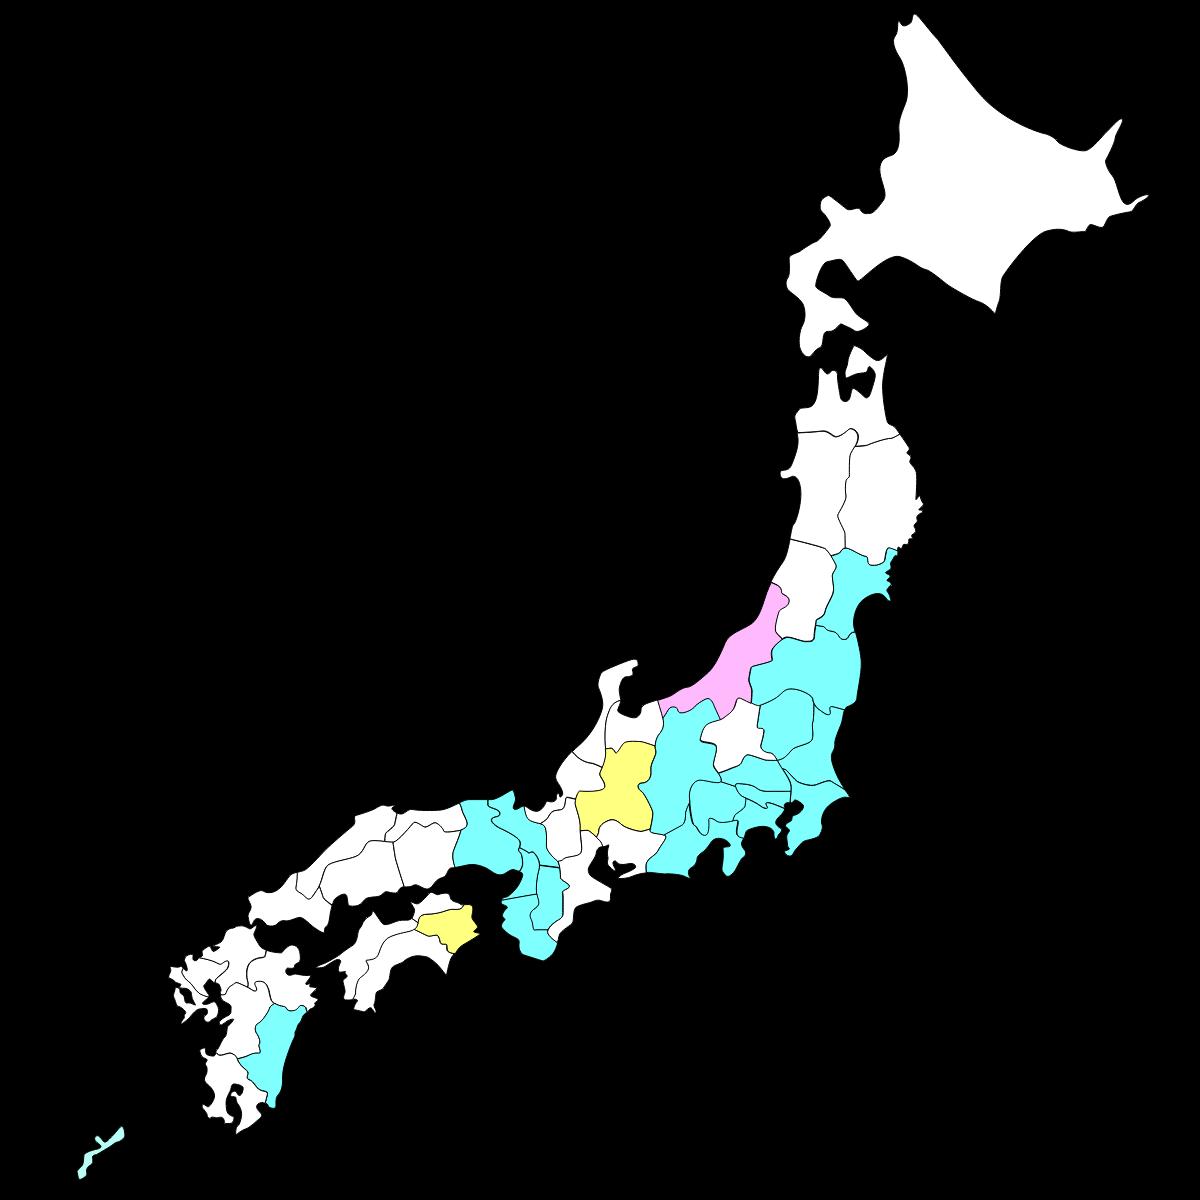 新潟県がピンクに塗られた日本地図